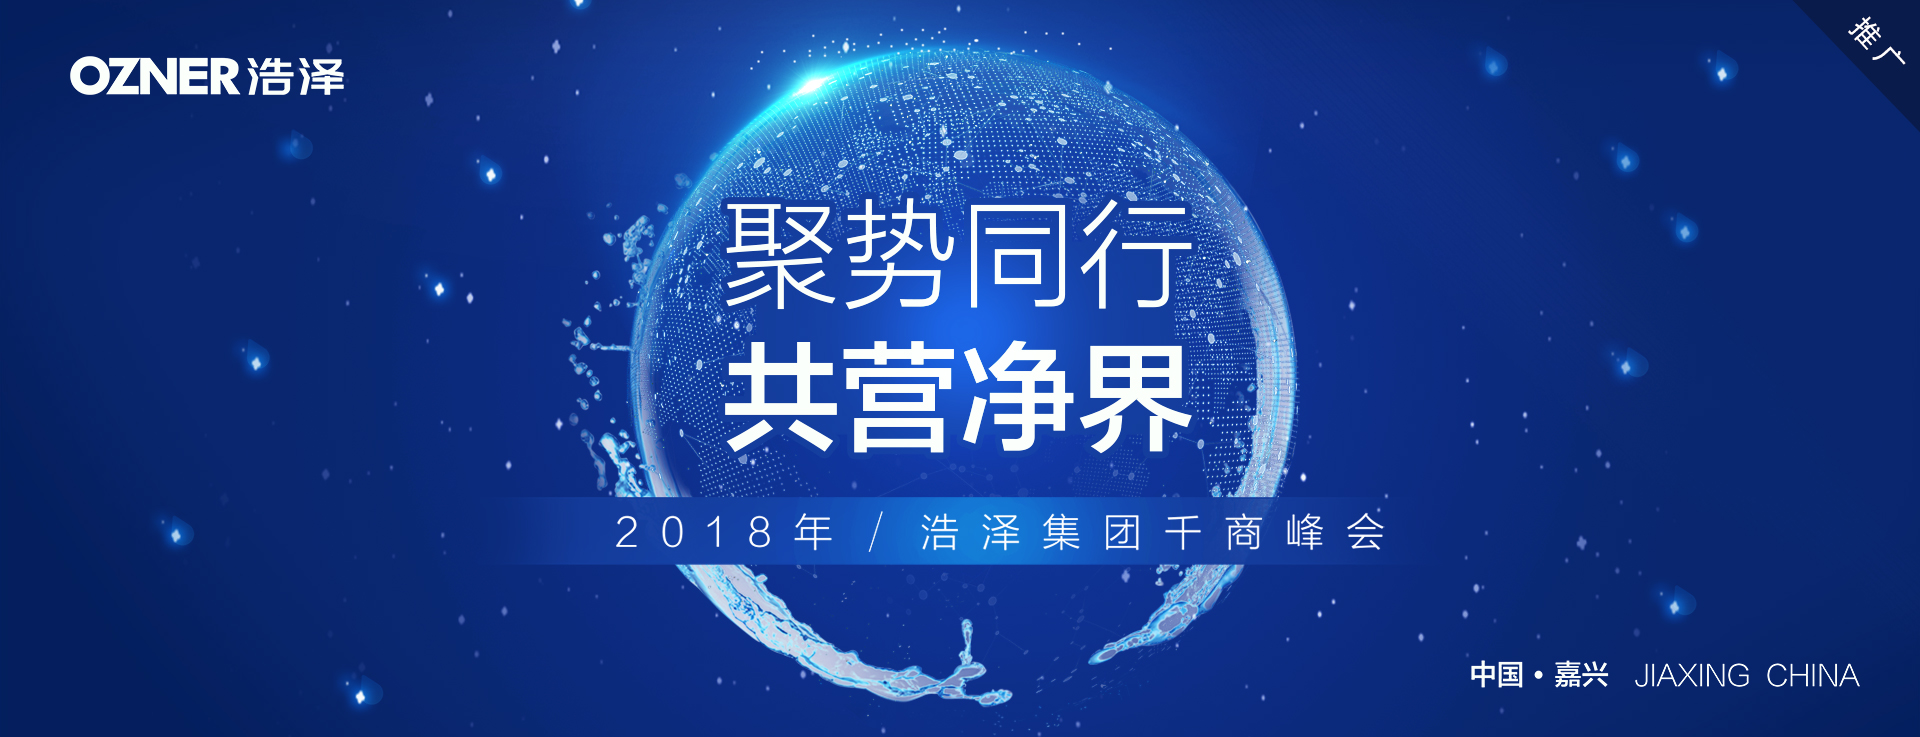 2018浩泽集团千商峰会